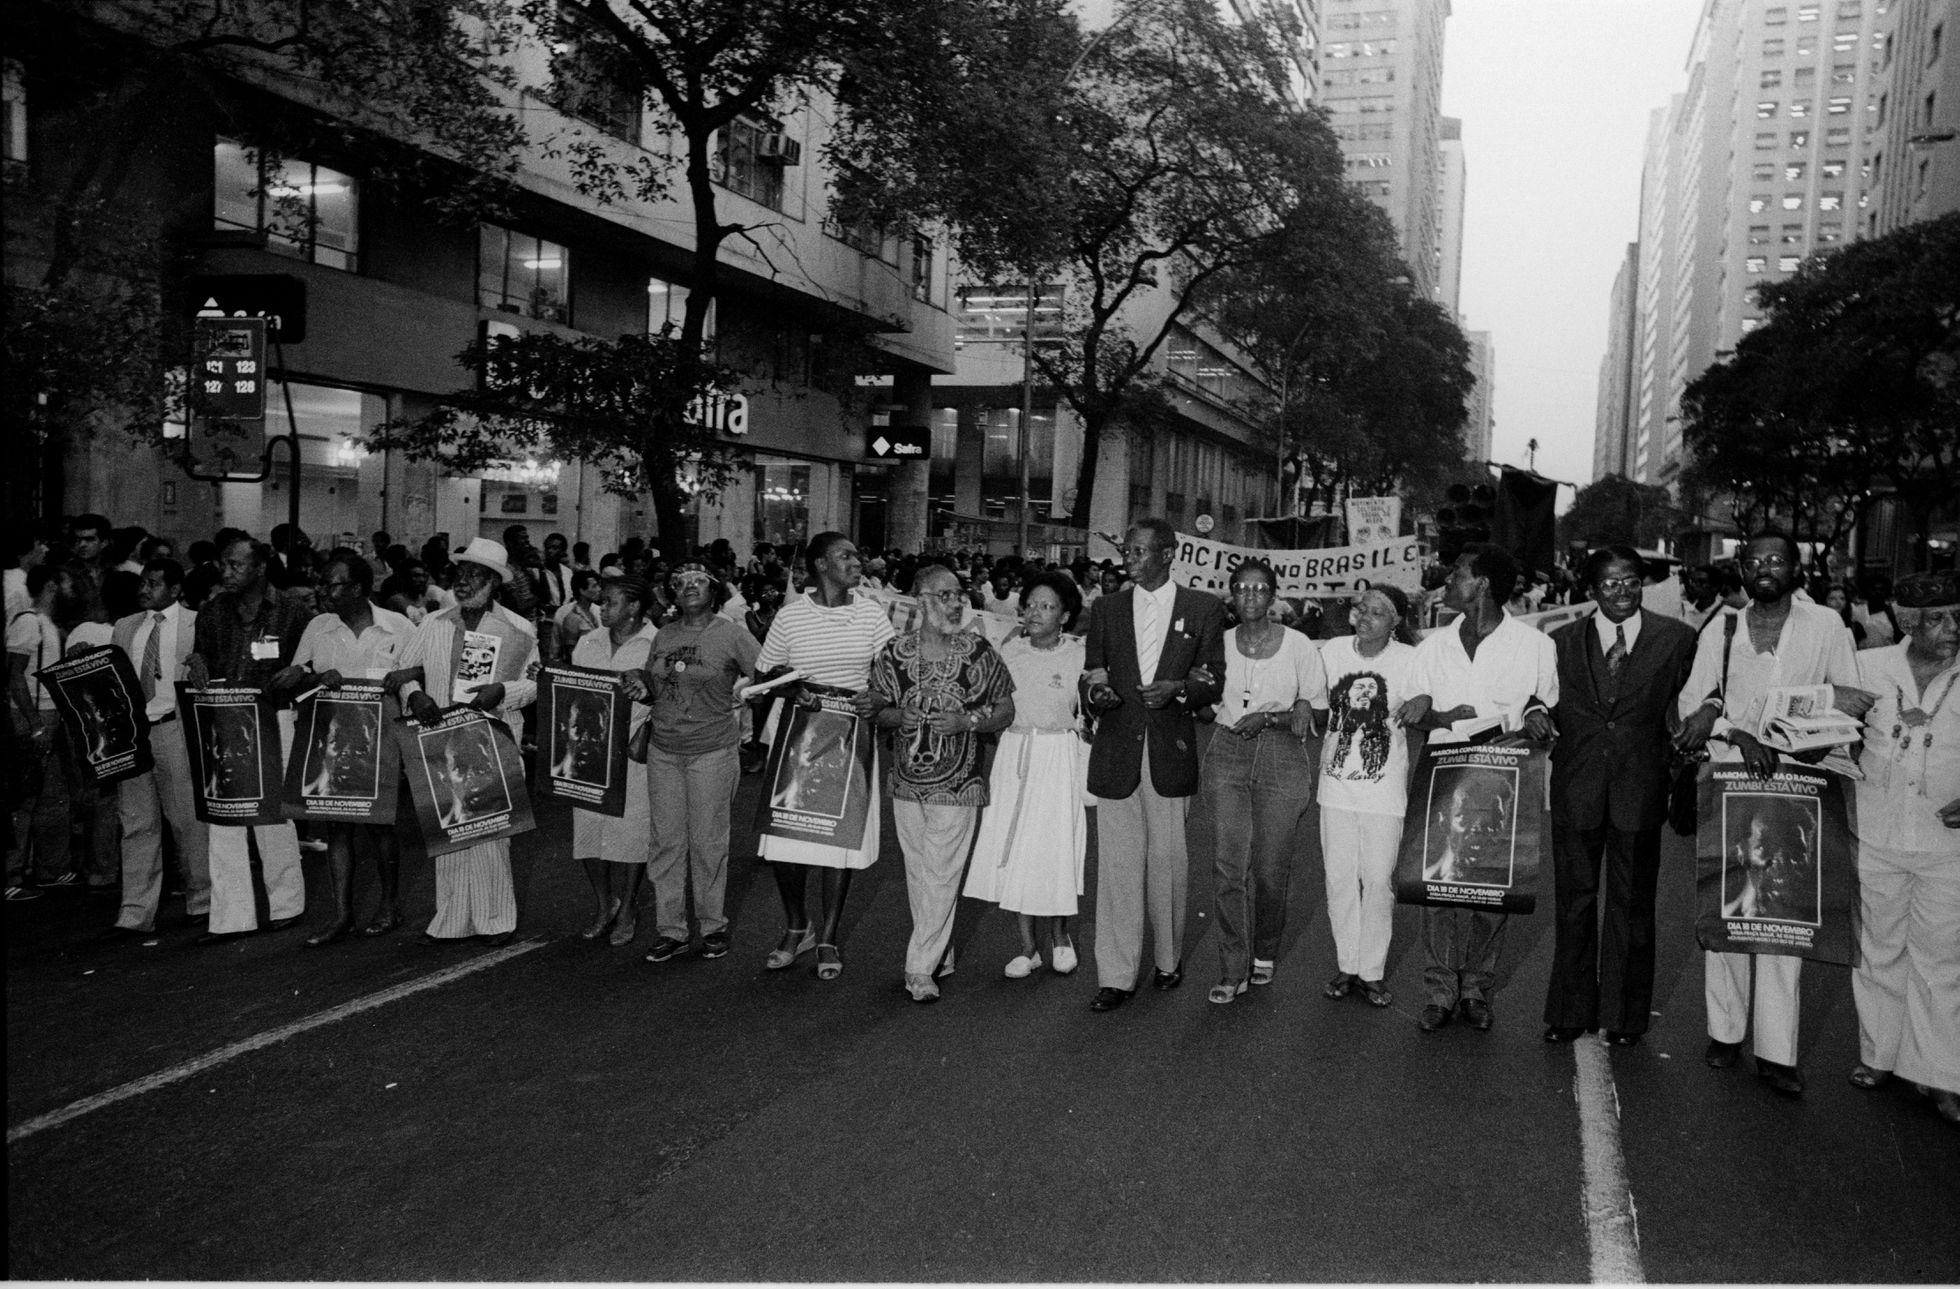 """Ativistas como Lélia Gonzalez, Benedita da Silva e Abdias Nascimento na marcha """"Zumbi está vivo"""", realizada no Rio de Janeiro em 1983. Foto faz parte do acervo de Januário Garcia que está sendo preservado.JANUÁRIO GARCIA"""